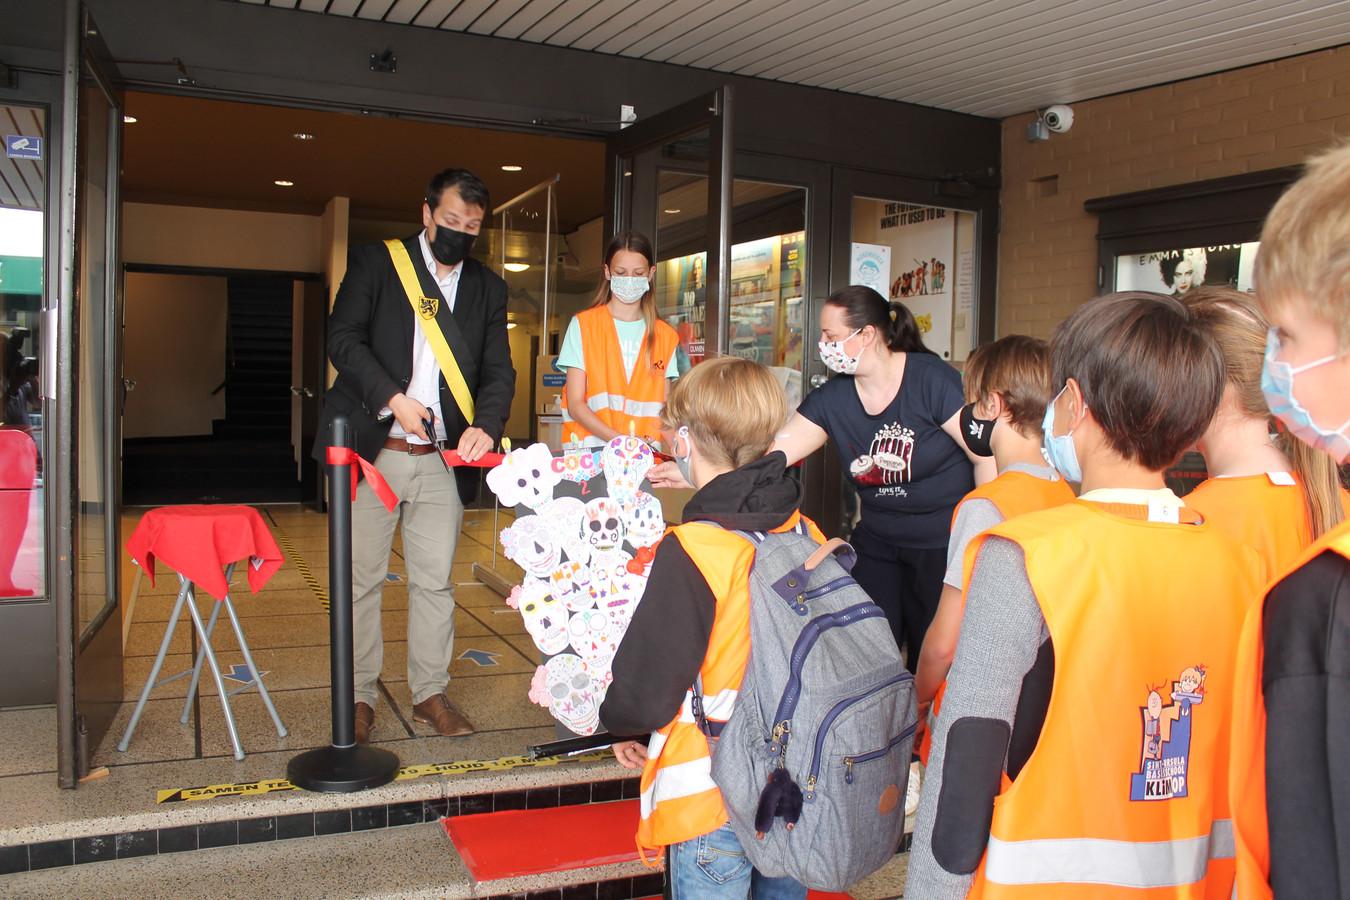 Waarnemend burgemeester Rik Verwaest knipte een lintje door bij de heropening van Cinema Varietes.